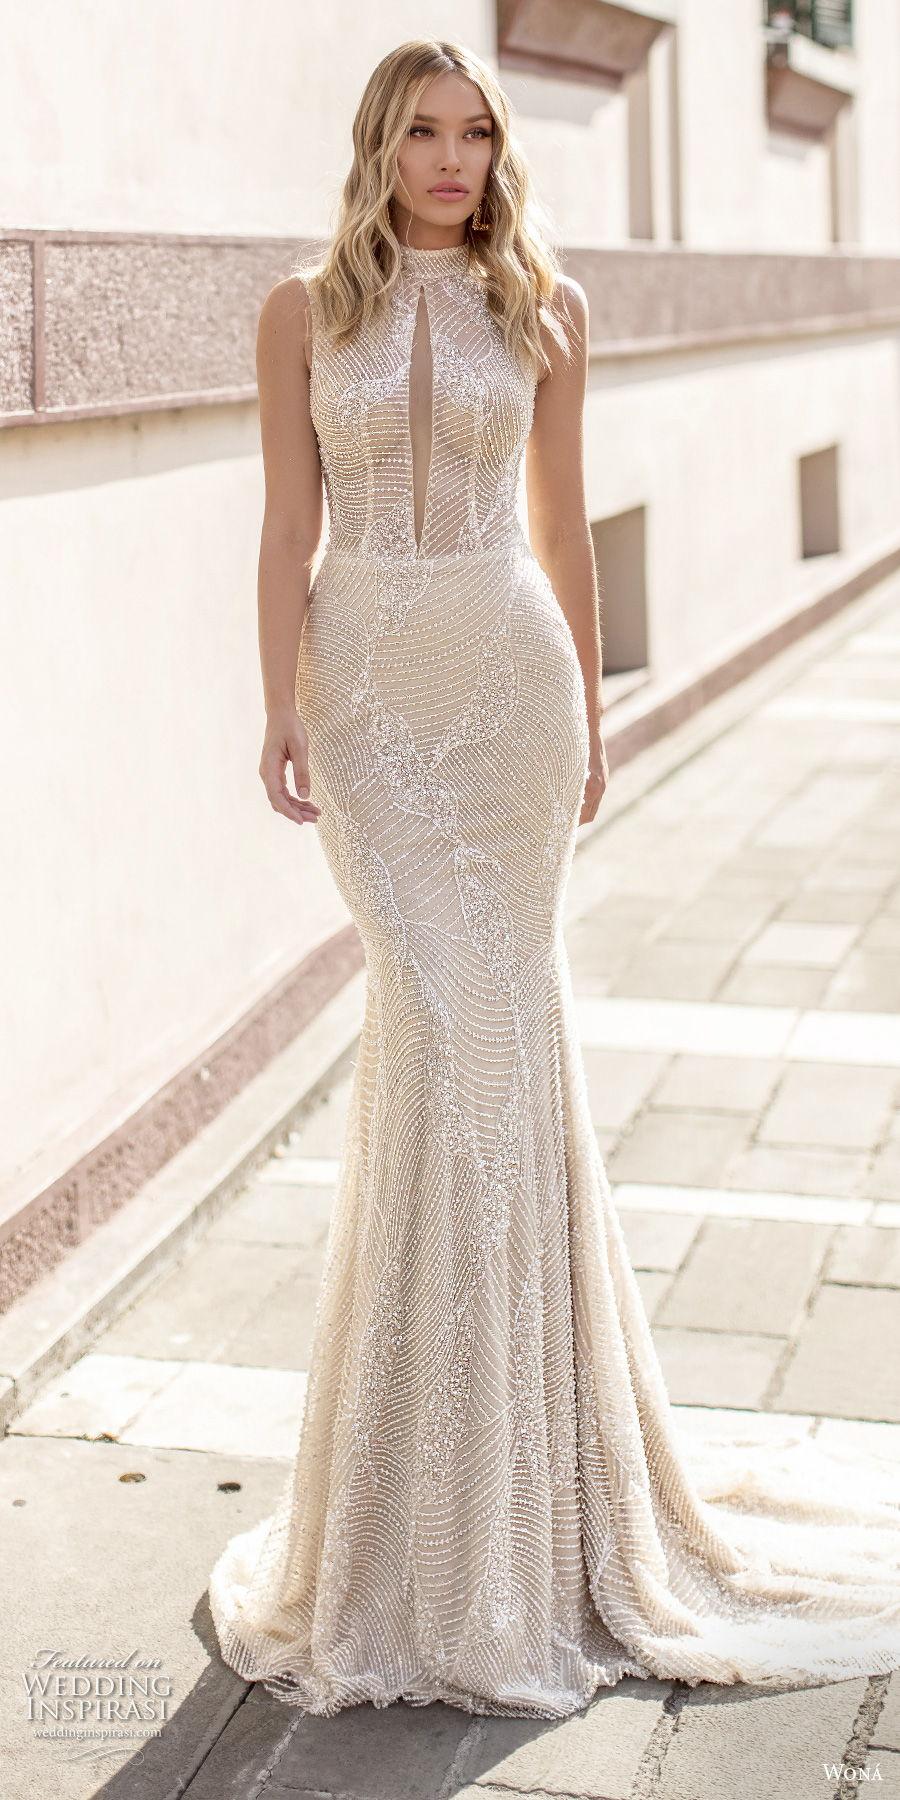 wona 2020 couture bridal sleeveless high neck slit bodice full embellishment elegant fit and flare wedding dress covered back medium train (17) mv